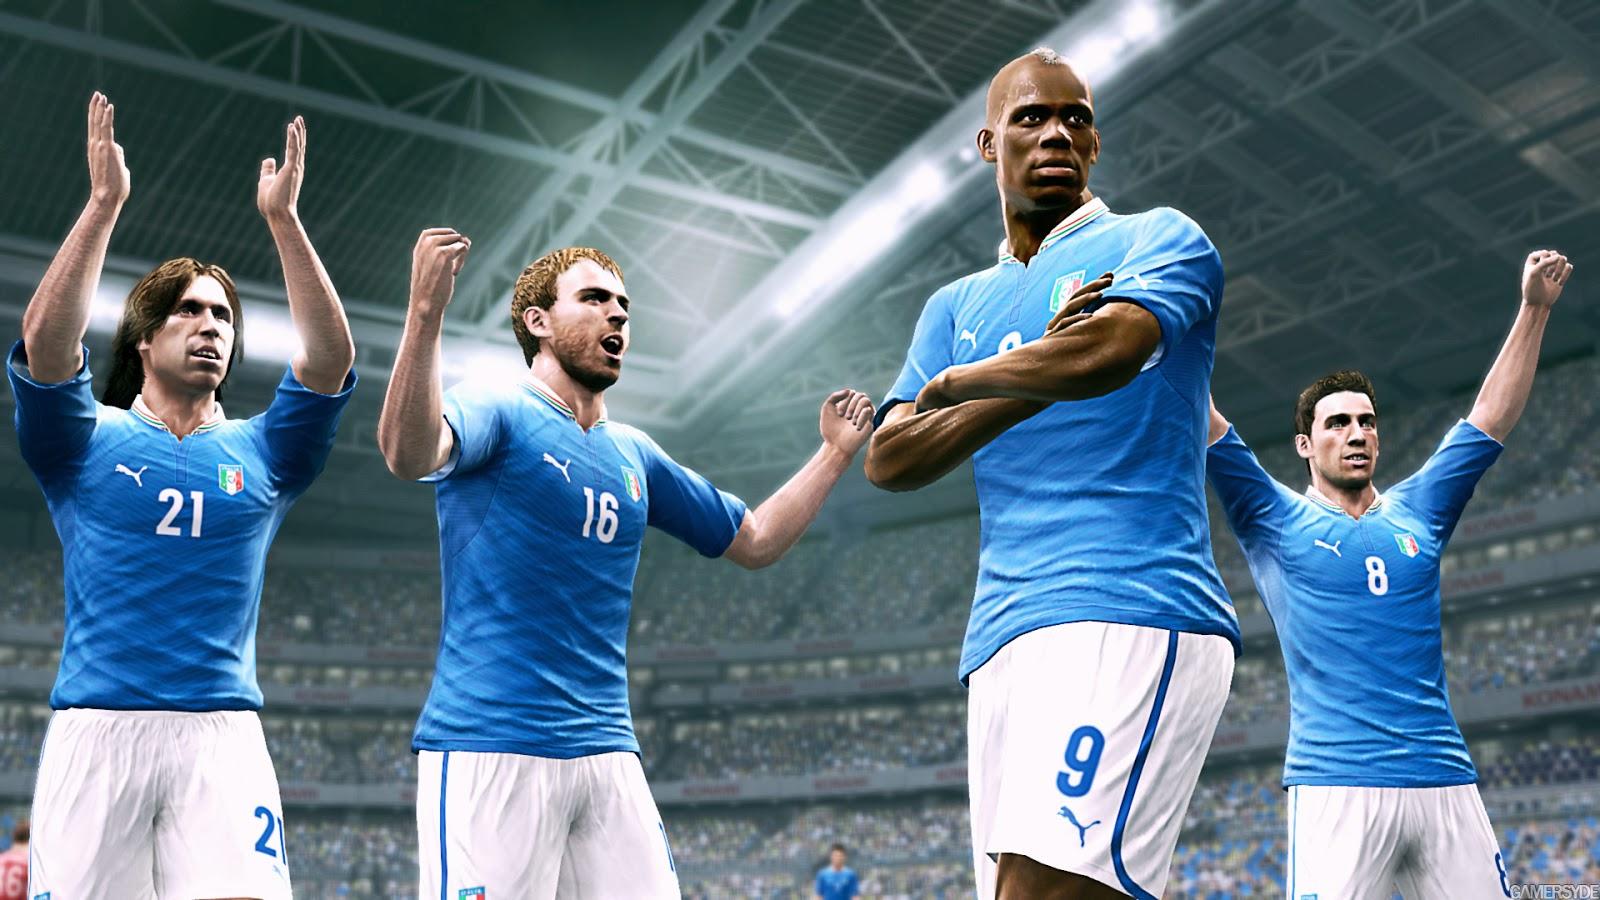 Pro Evolution Soccer 2013 giveaway